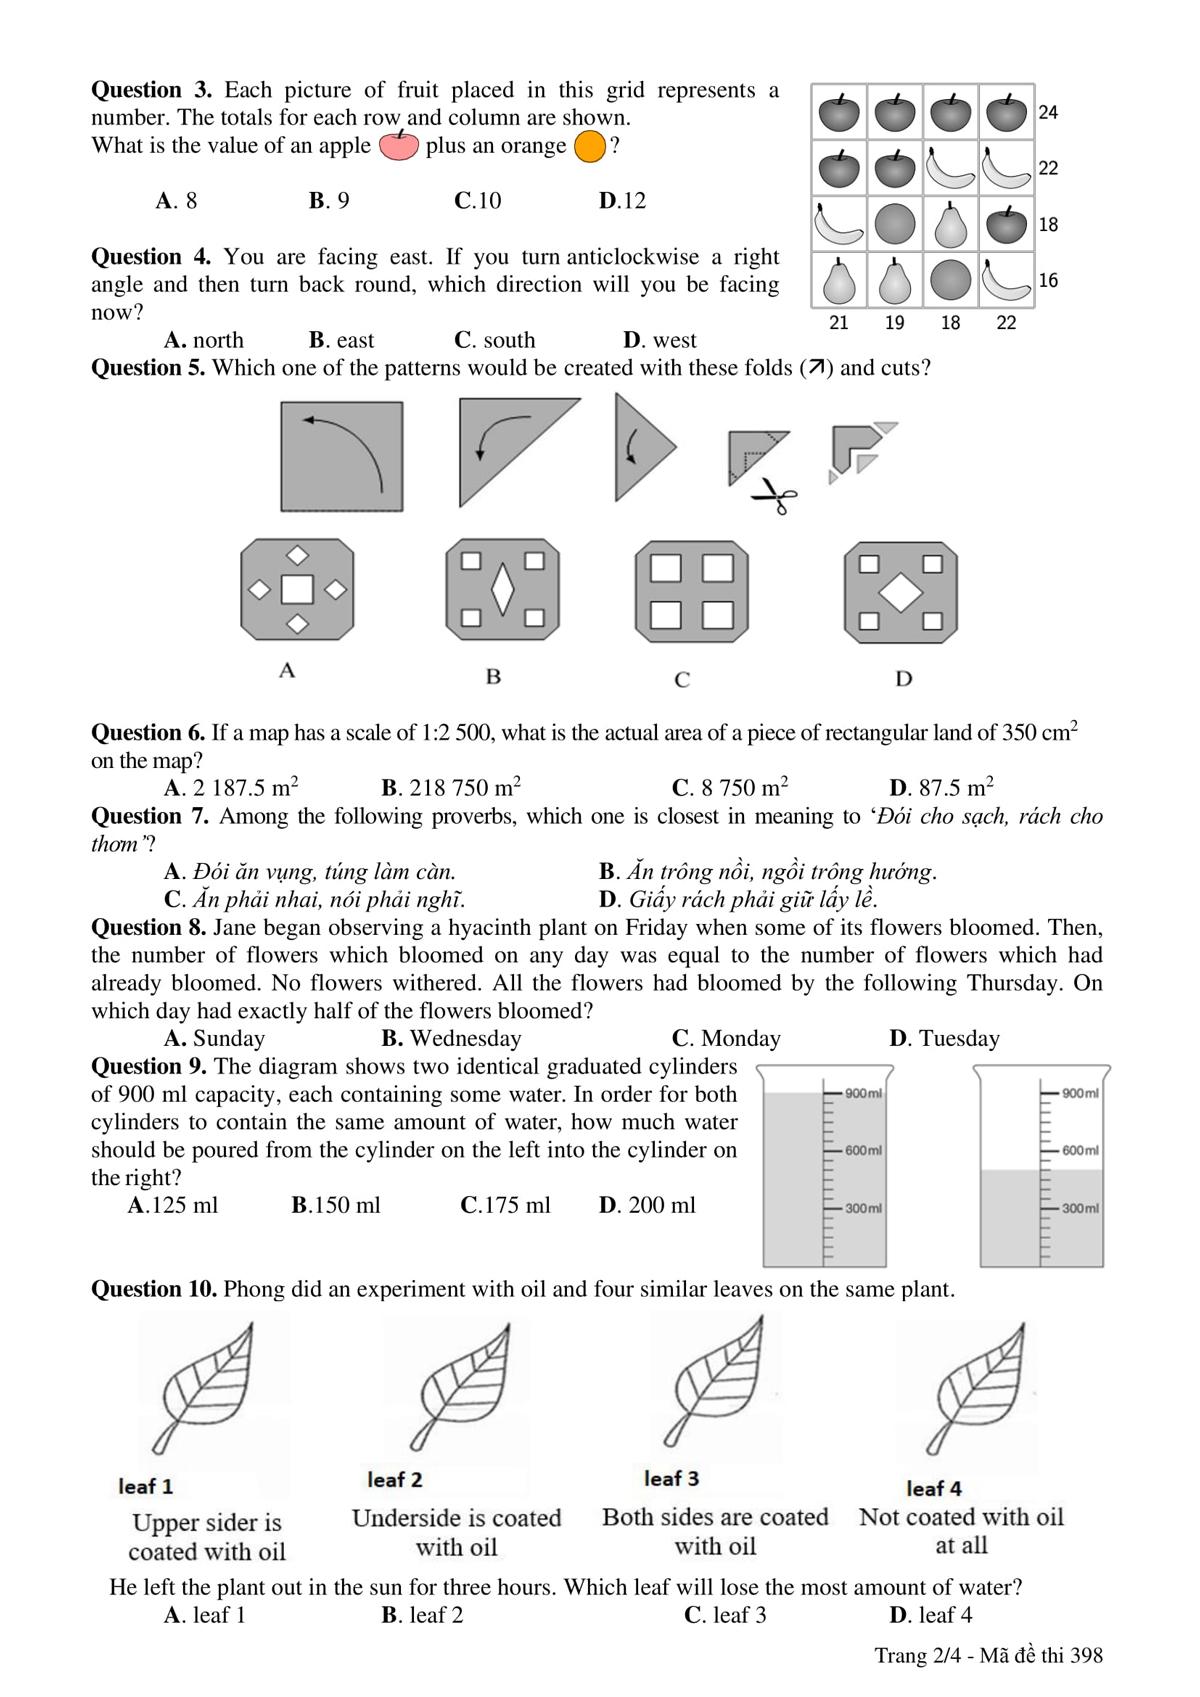 Đề và đáp án bài thi vào lớp 6 trường THPT chuyên Trần Đại Nghĩa - 1